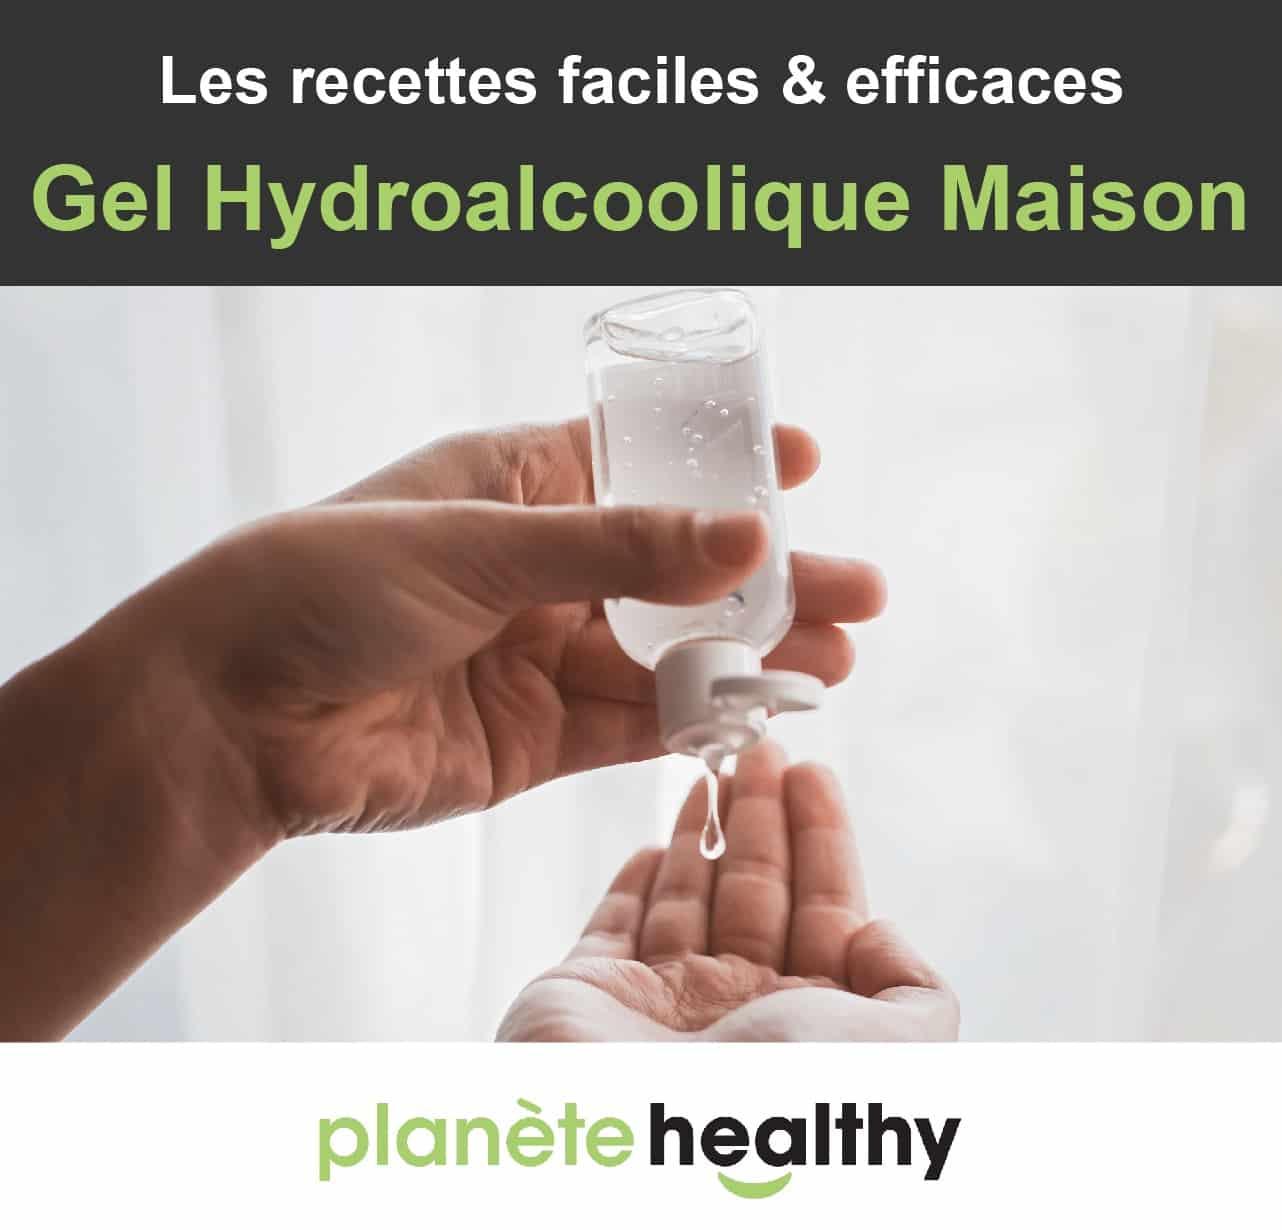 Gel Hydroalcoolique Maison : 2 recettes efficaces [+ OMS]